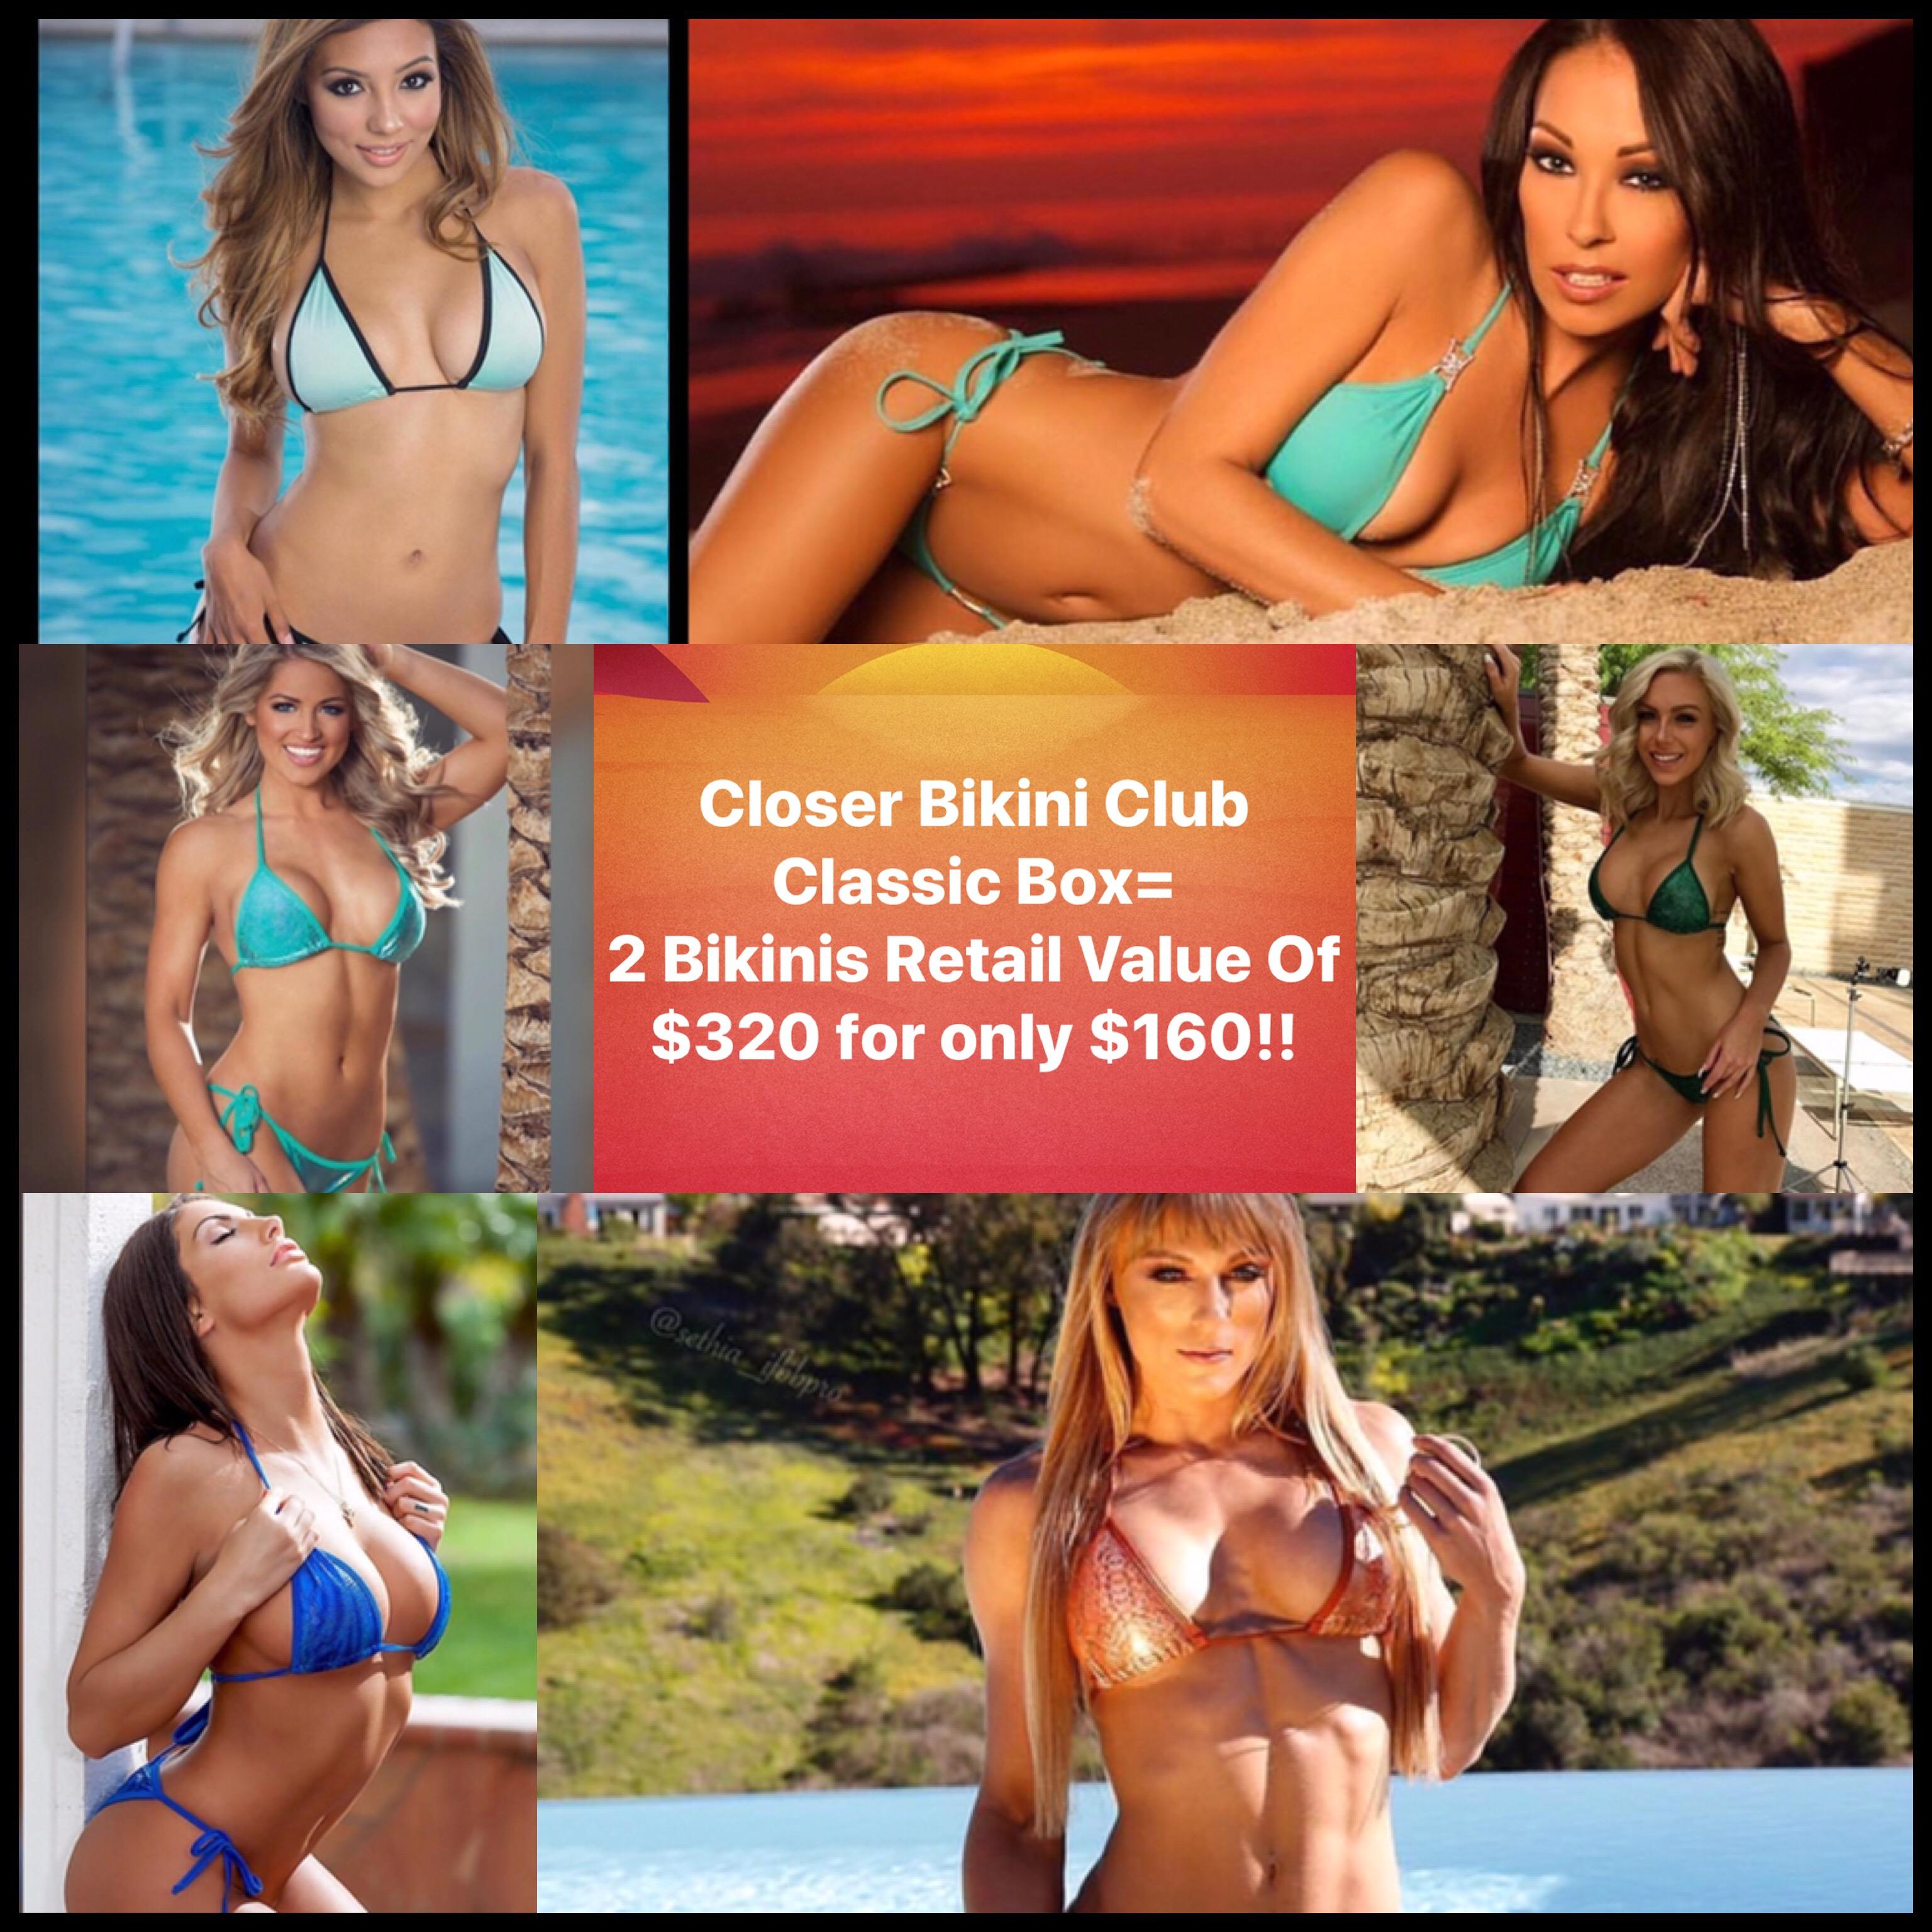 Vip Bikini Questionnaire Bikini Vip Vip Questionnaire Club Club 8PXNkwZnO0